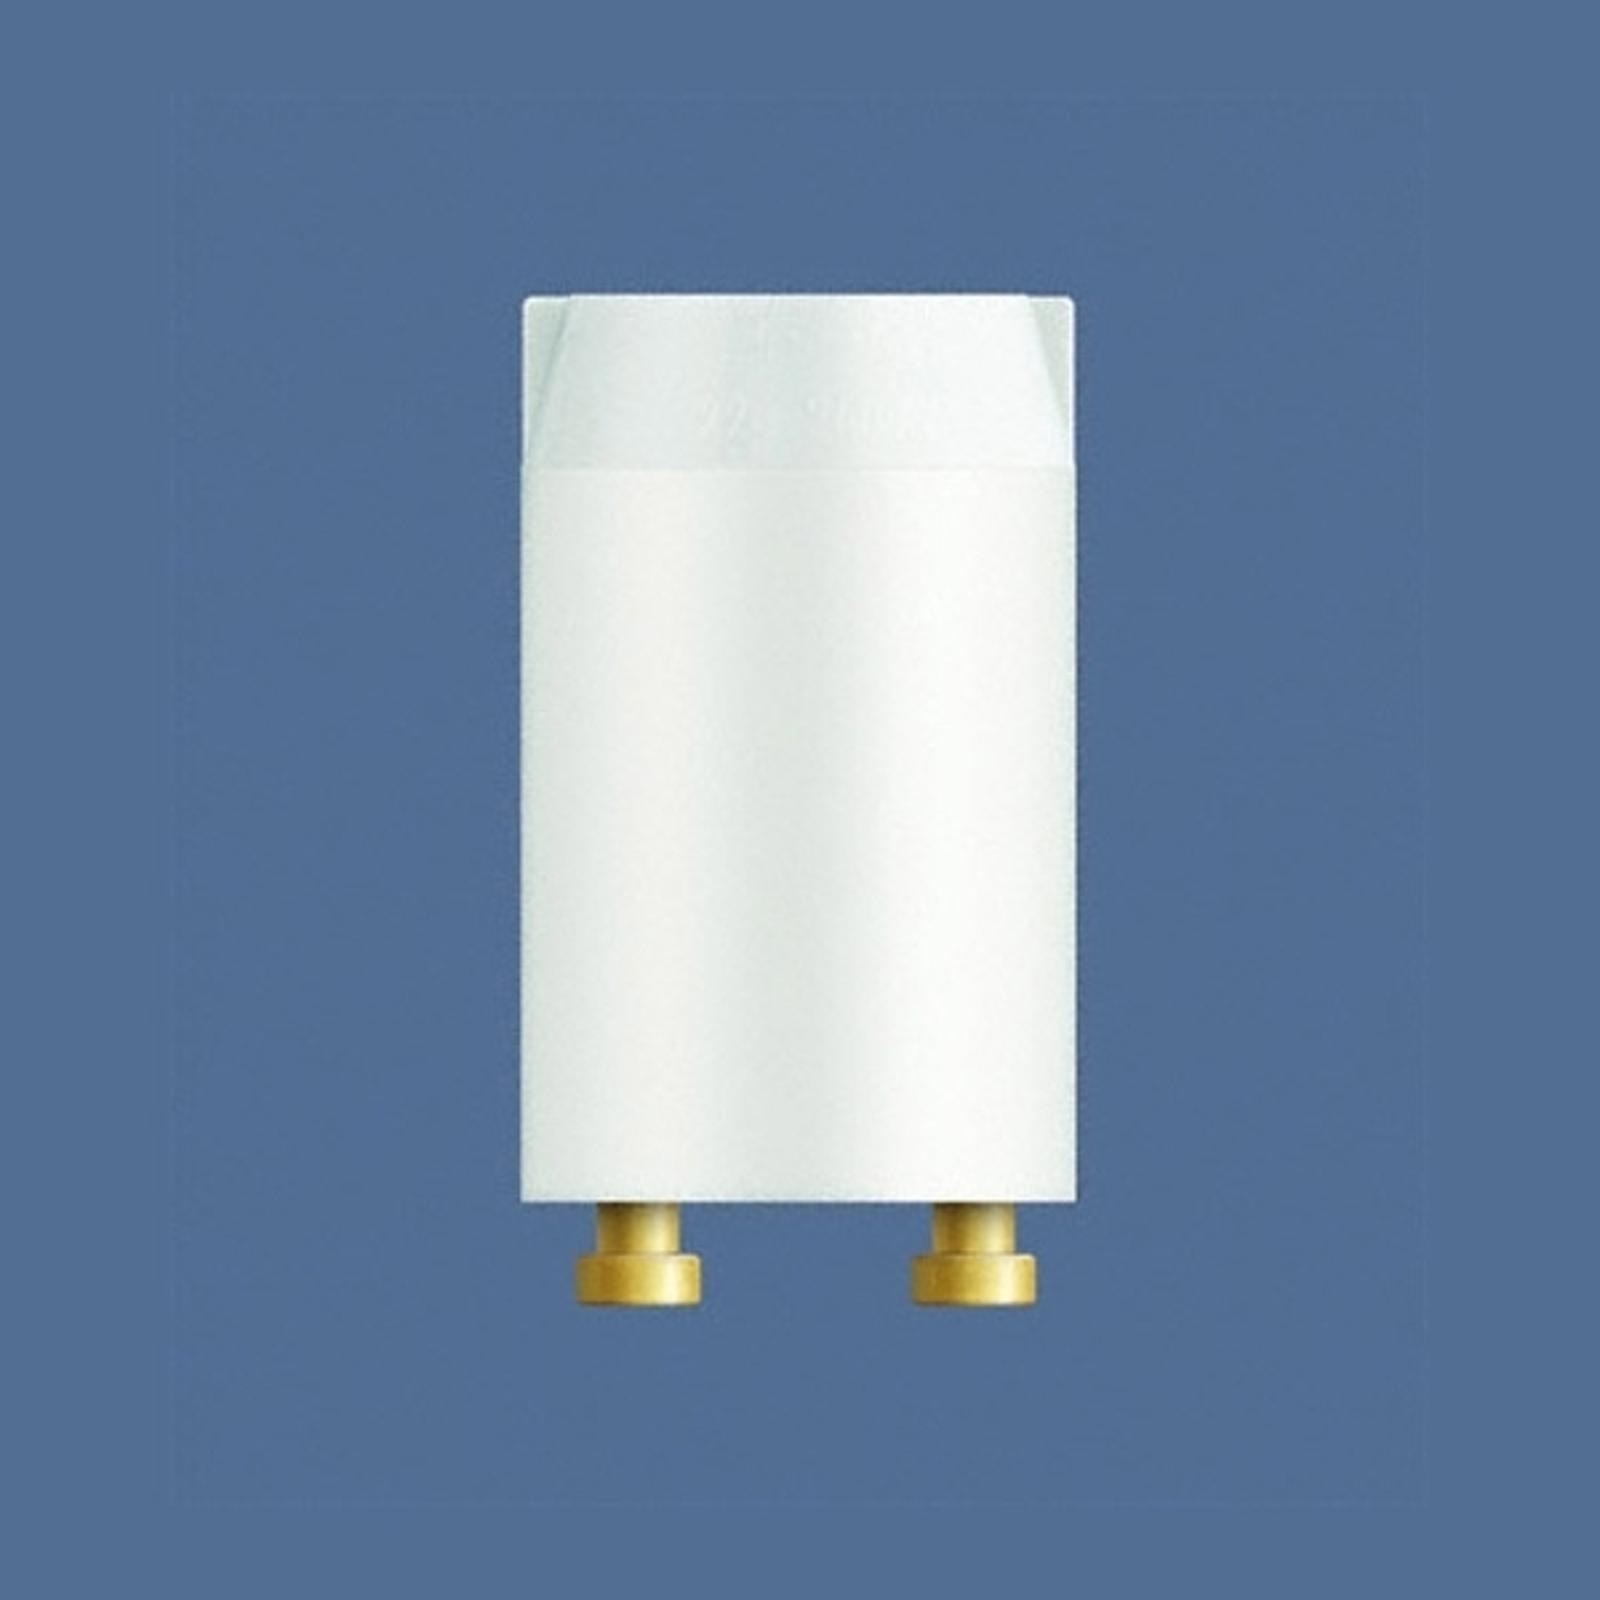 OSRAM Starter ST151 loistelampuille 4-22 W